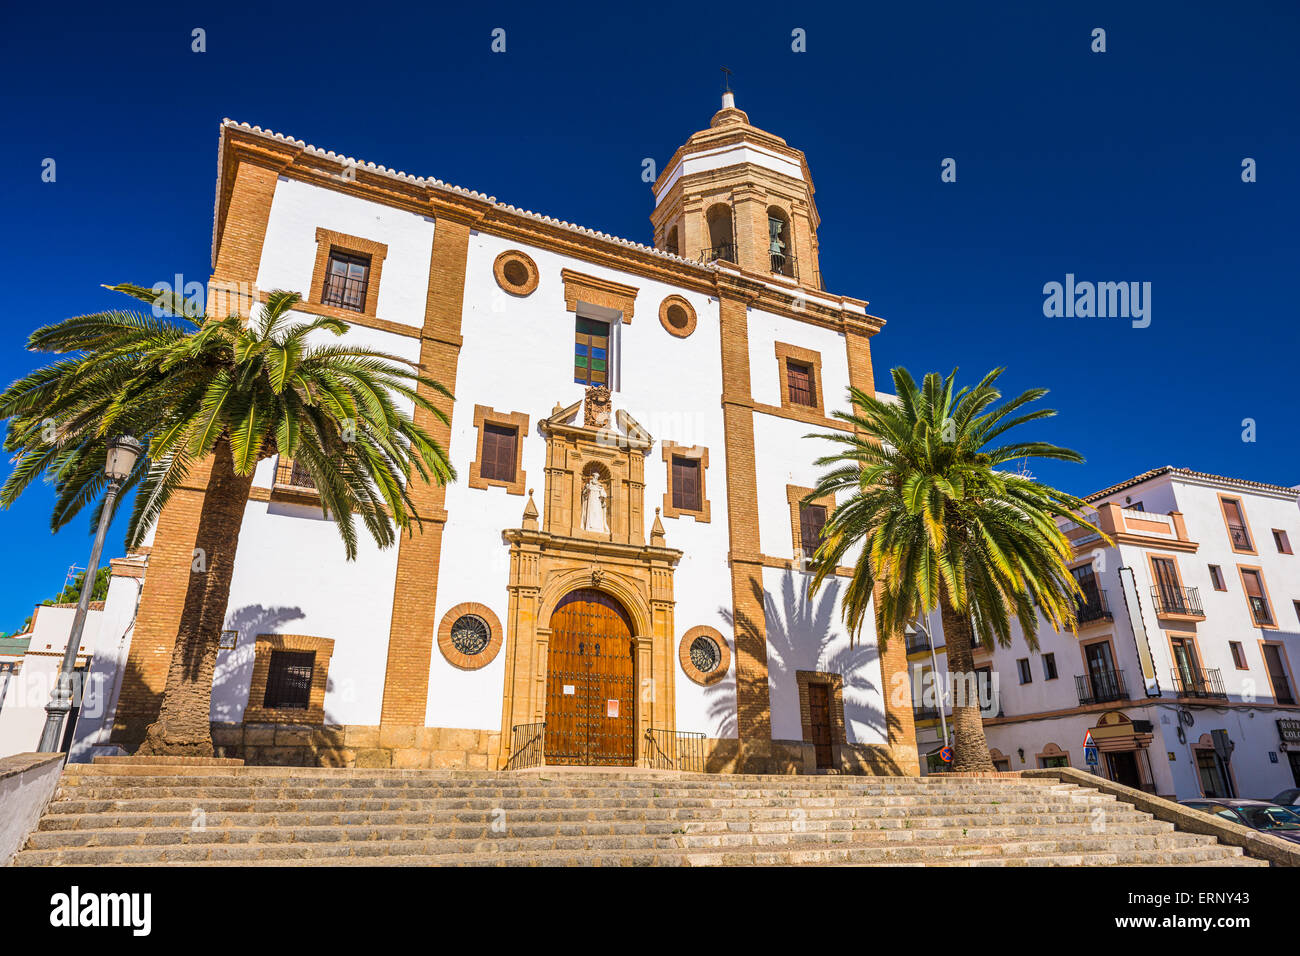 Ronda, Espagne à La Merced couvent de carmélites. Photo Stock